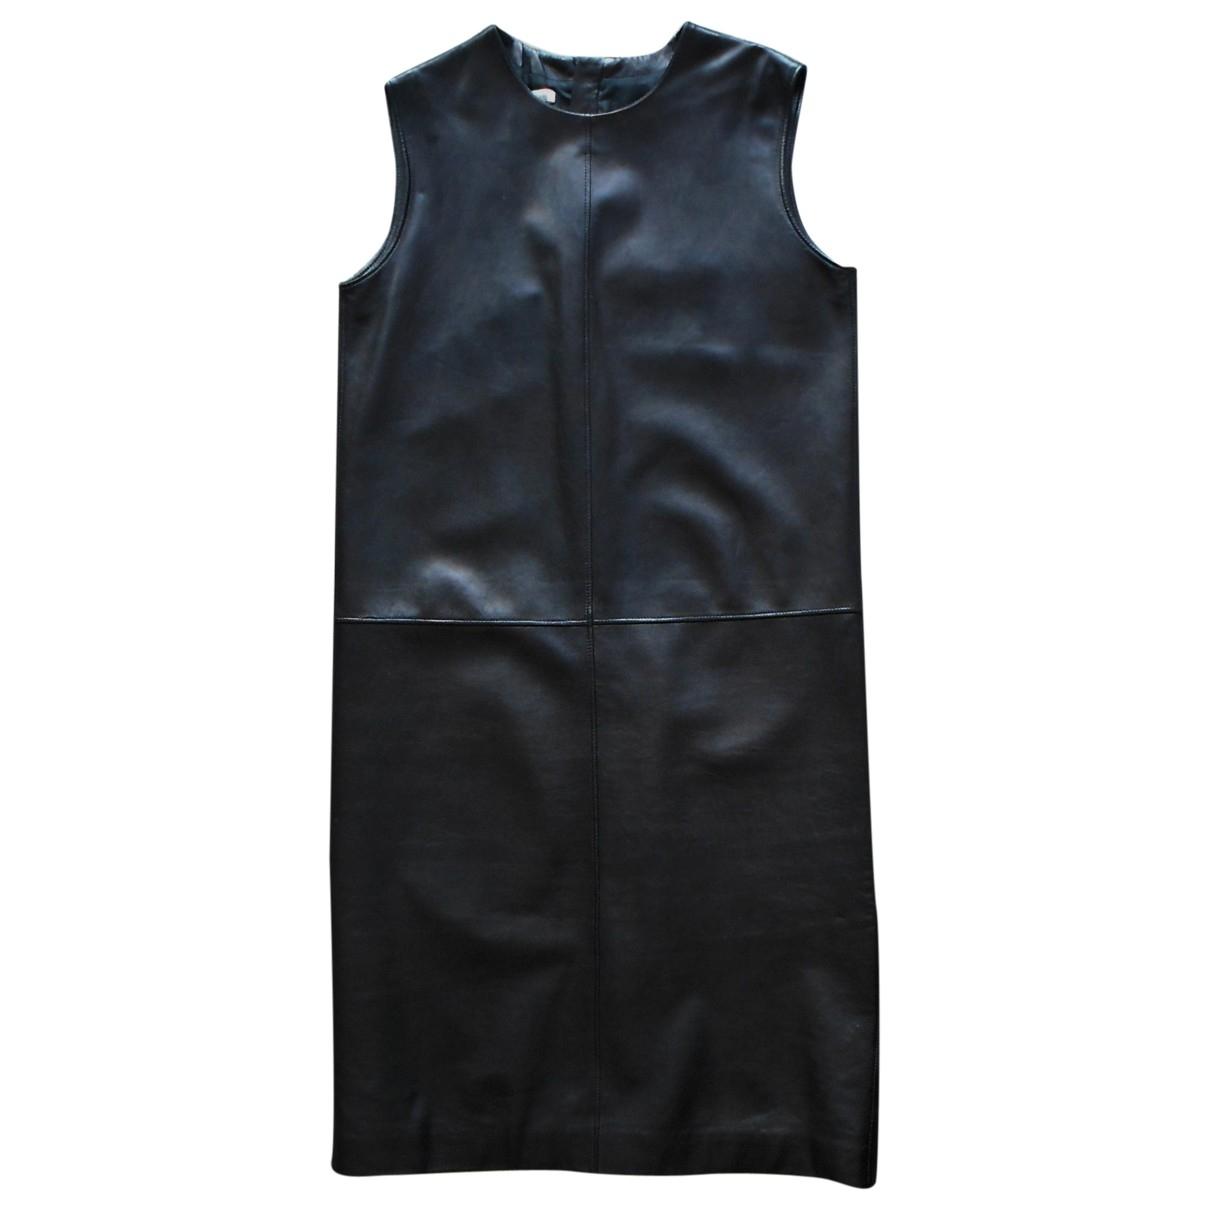 Hermes - Robe   pour femme en cuir - noir